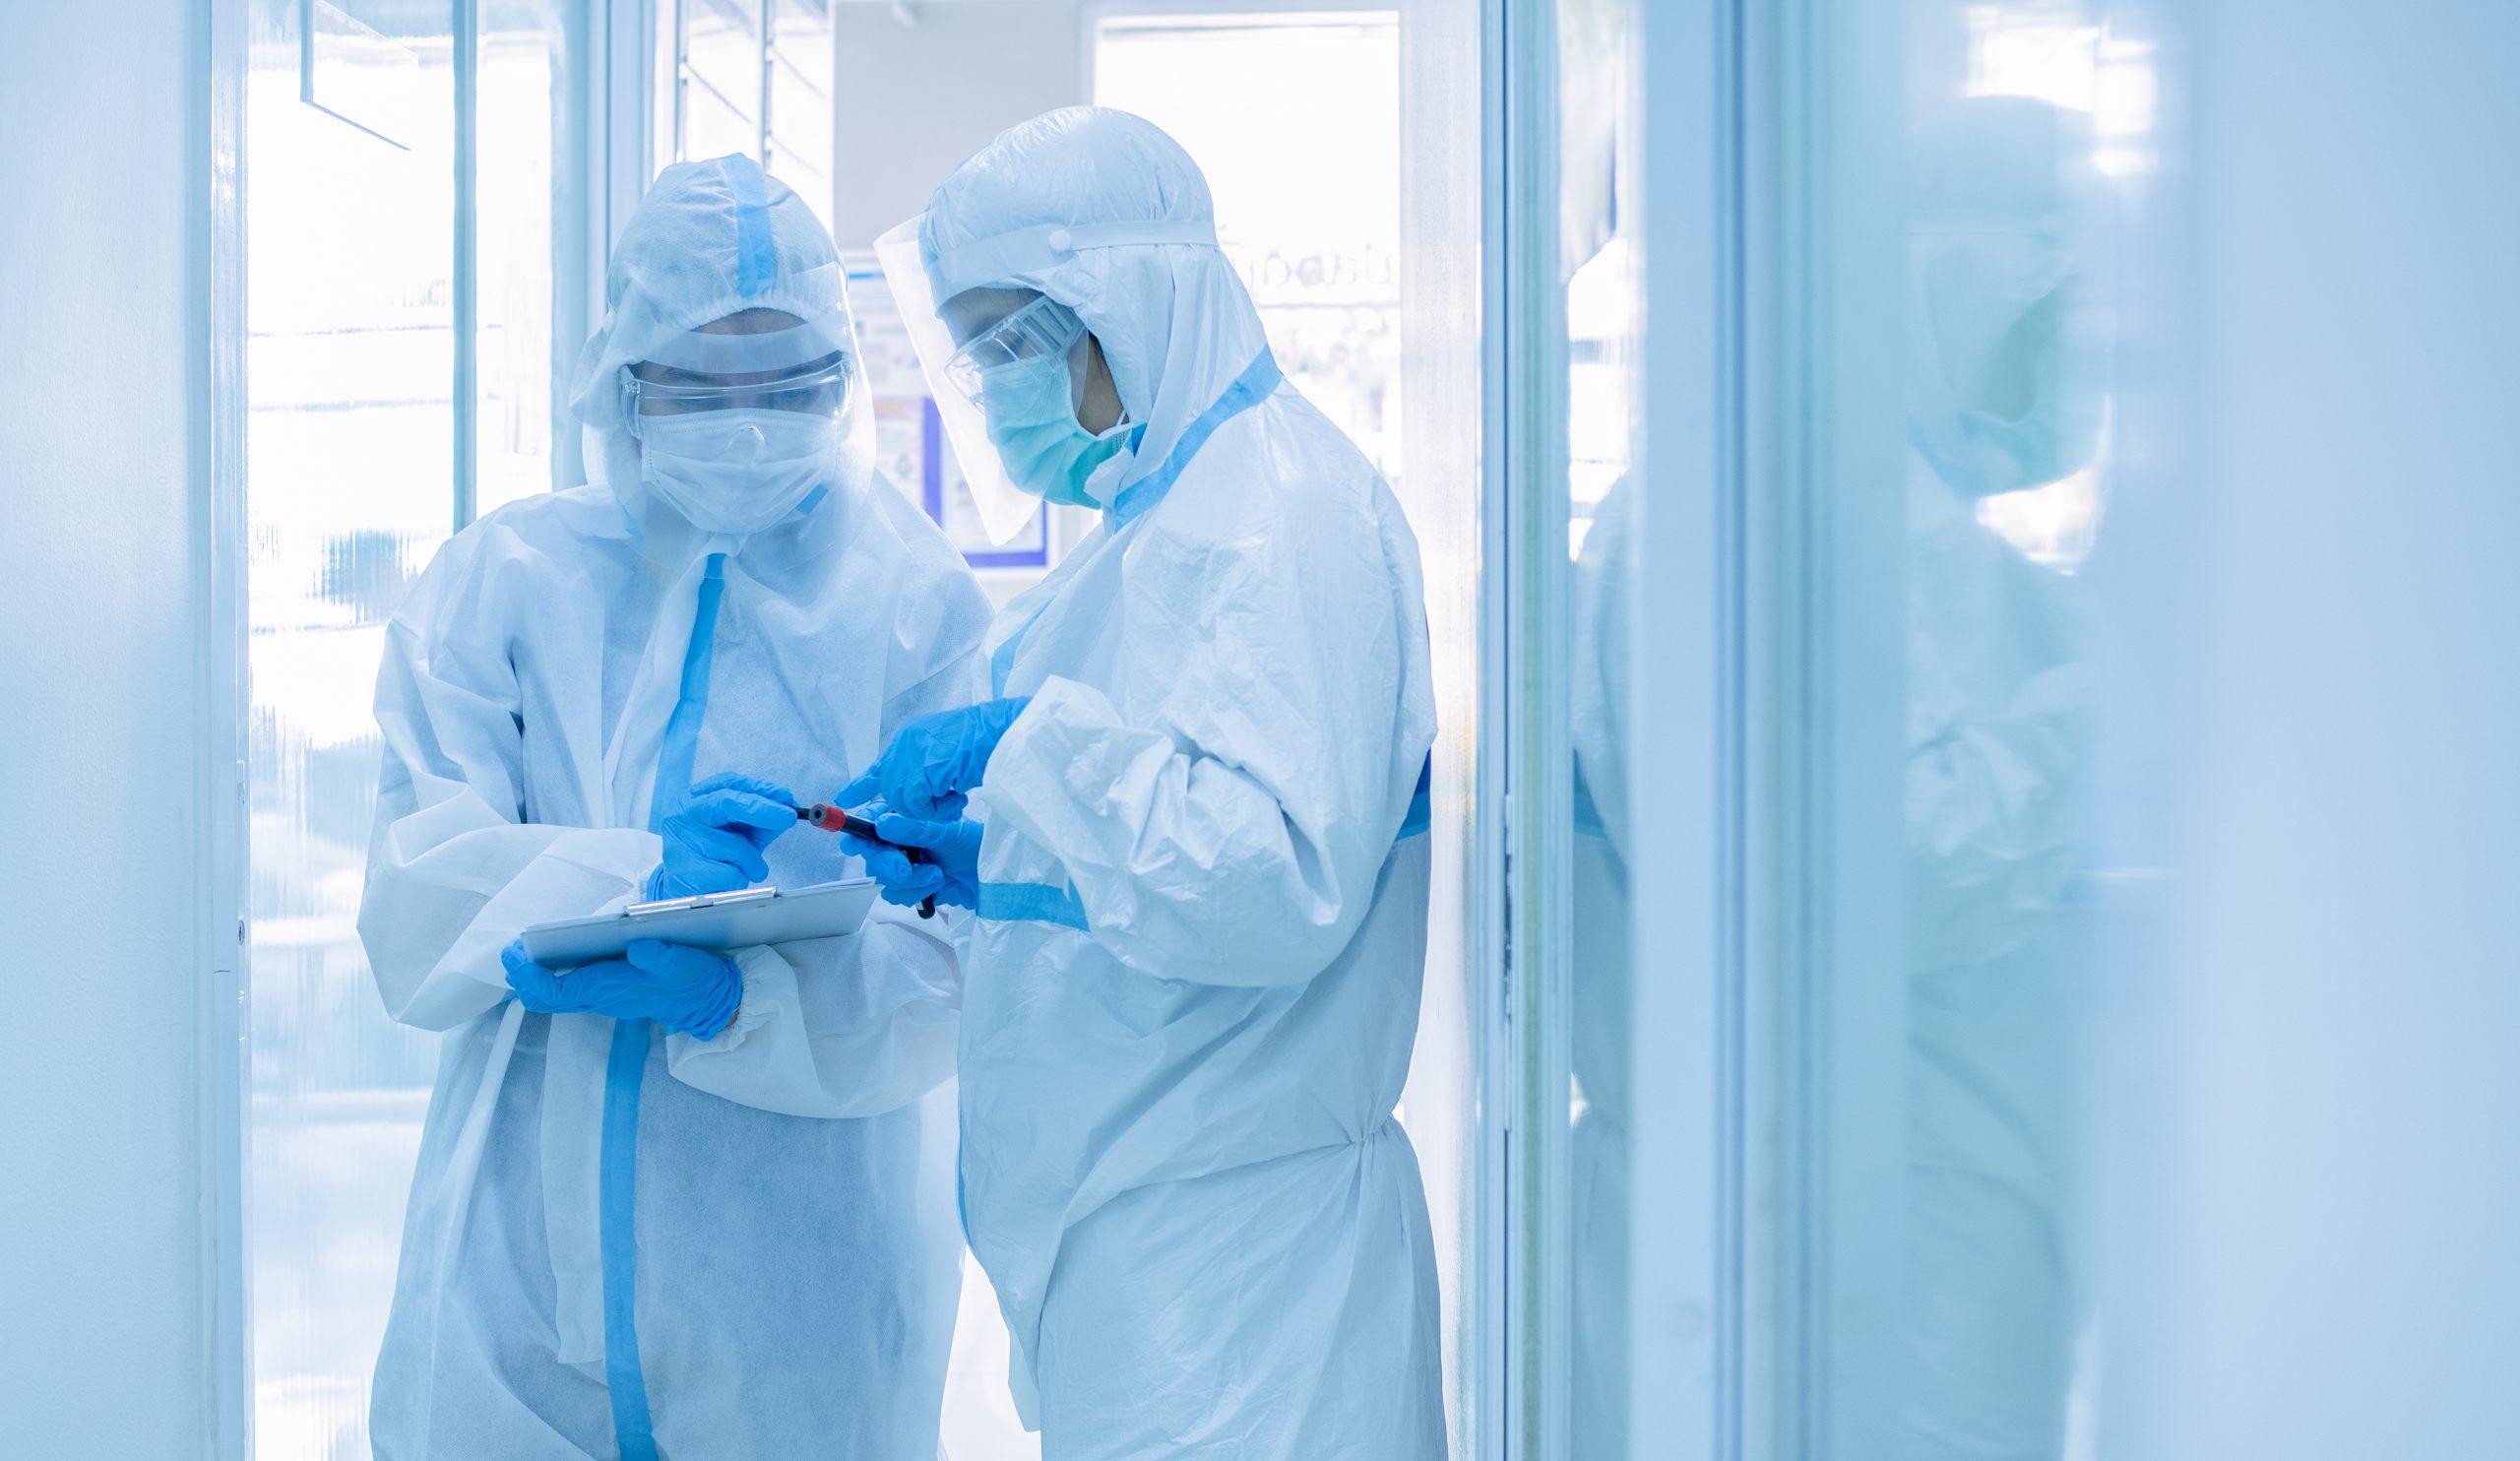 La Covid-19 reconocida como enfermedad profesional